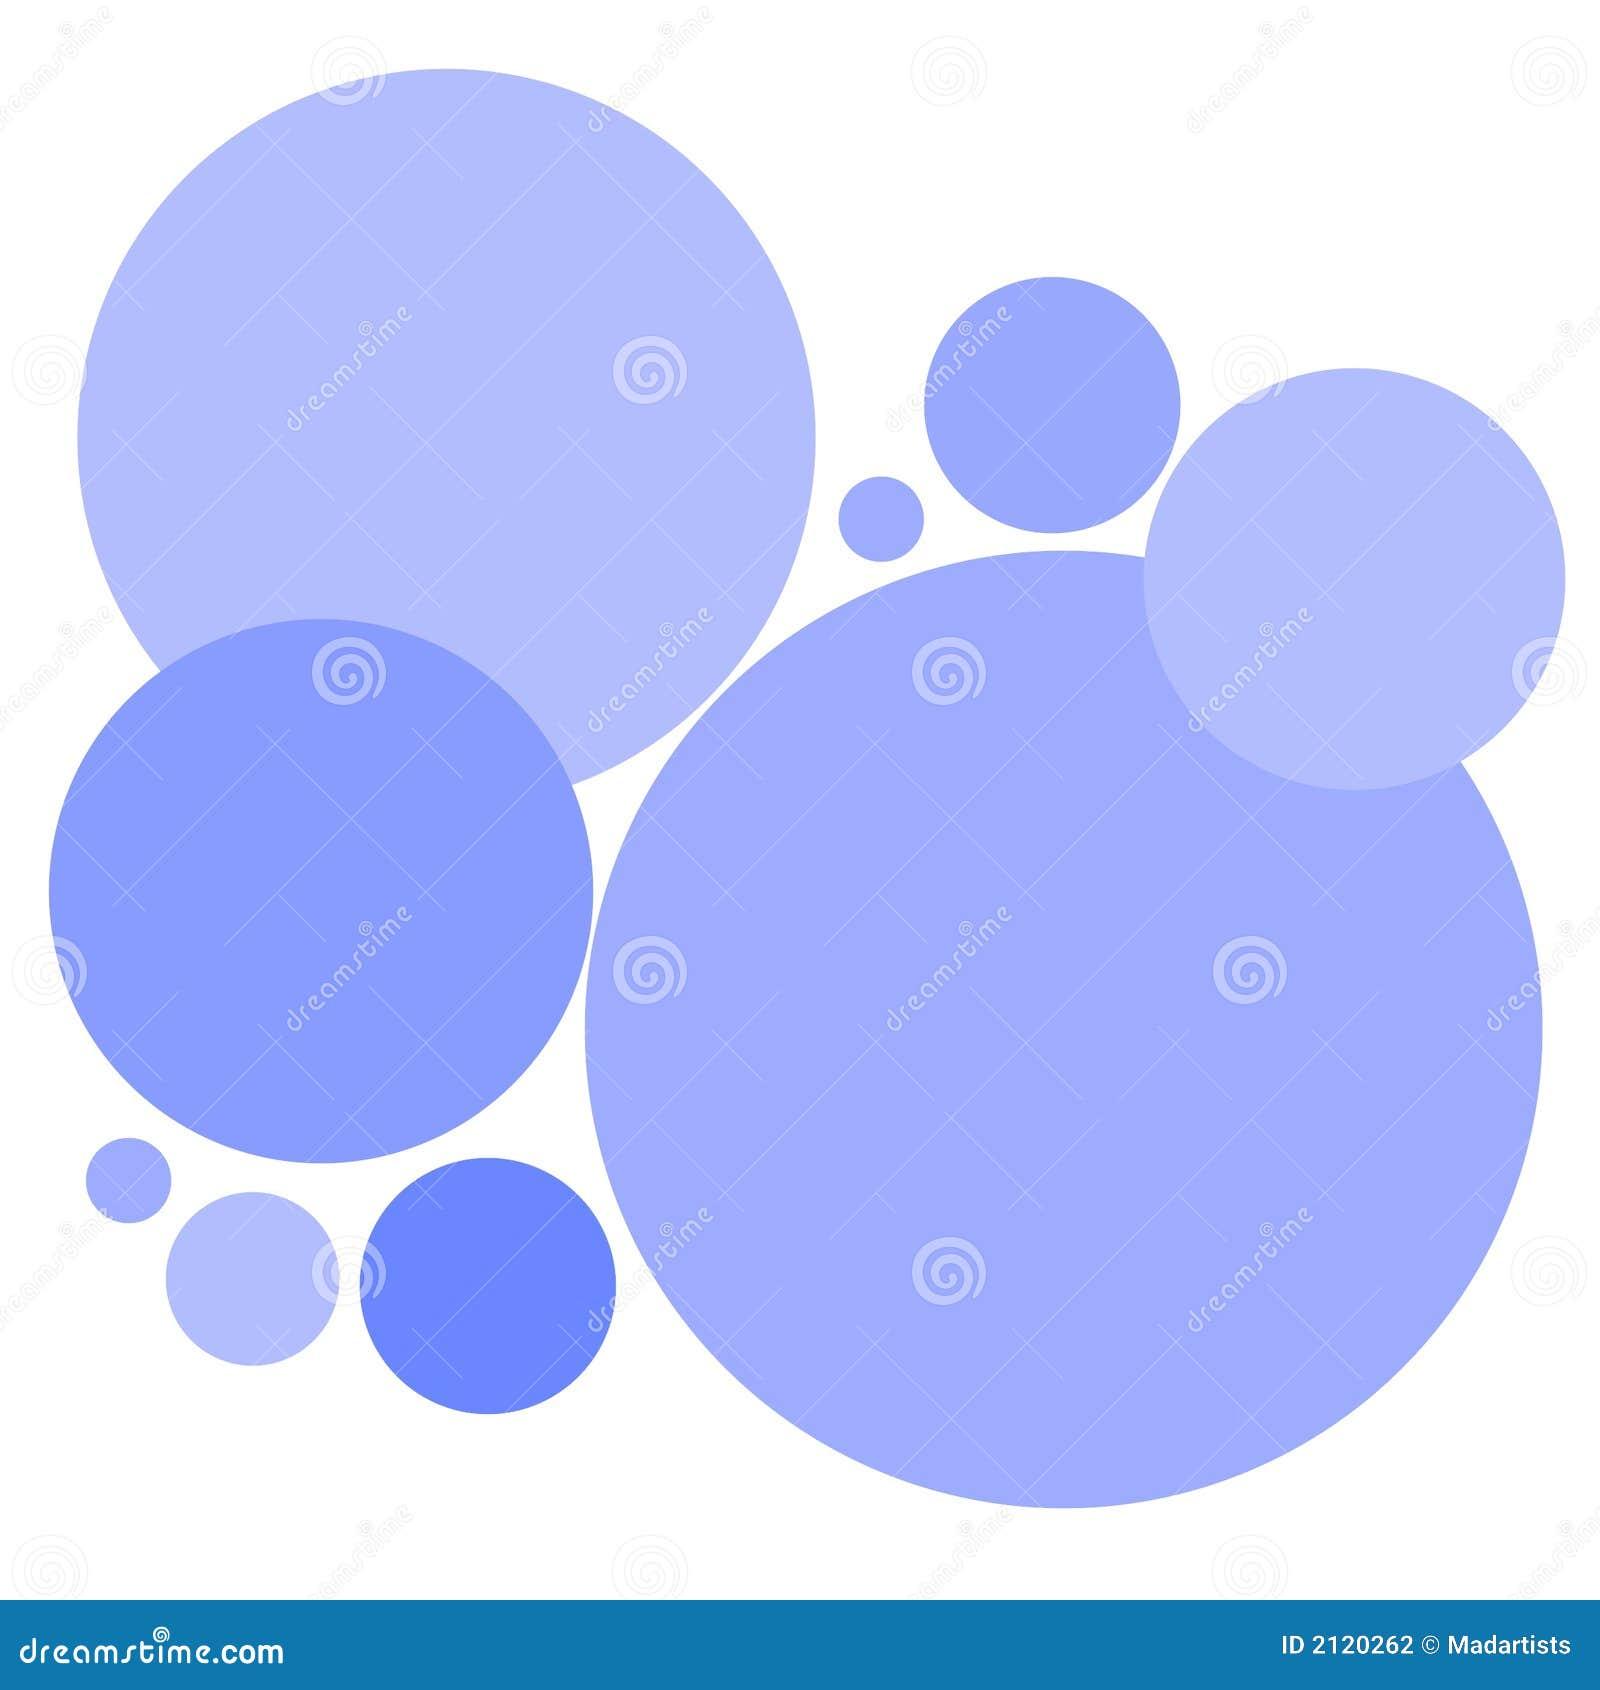 einfaches-blaues-kreis-muster-2120262.jpg